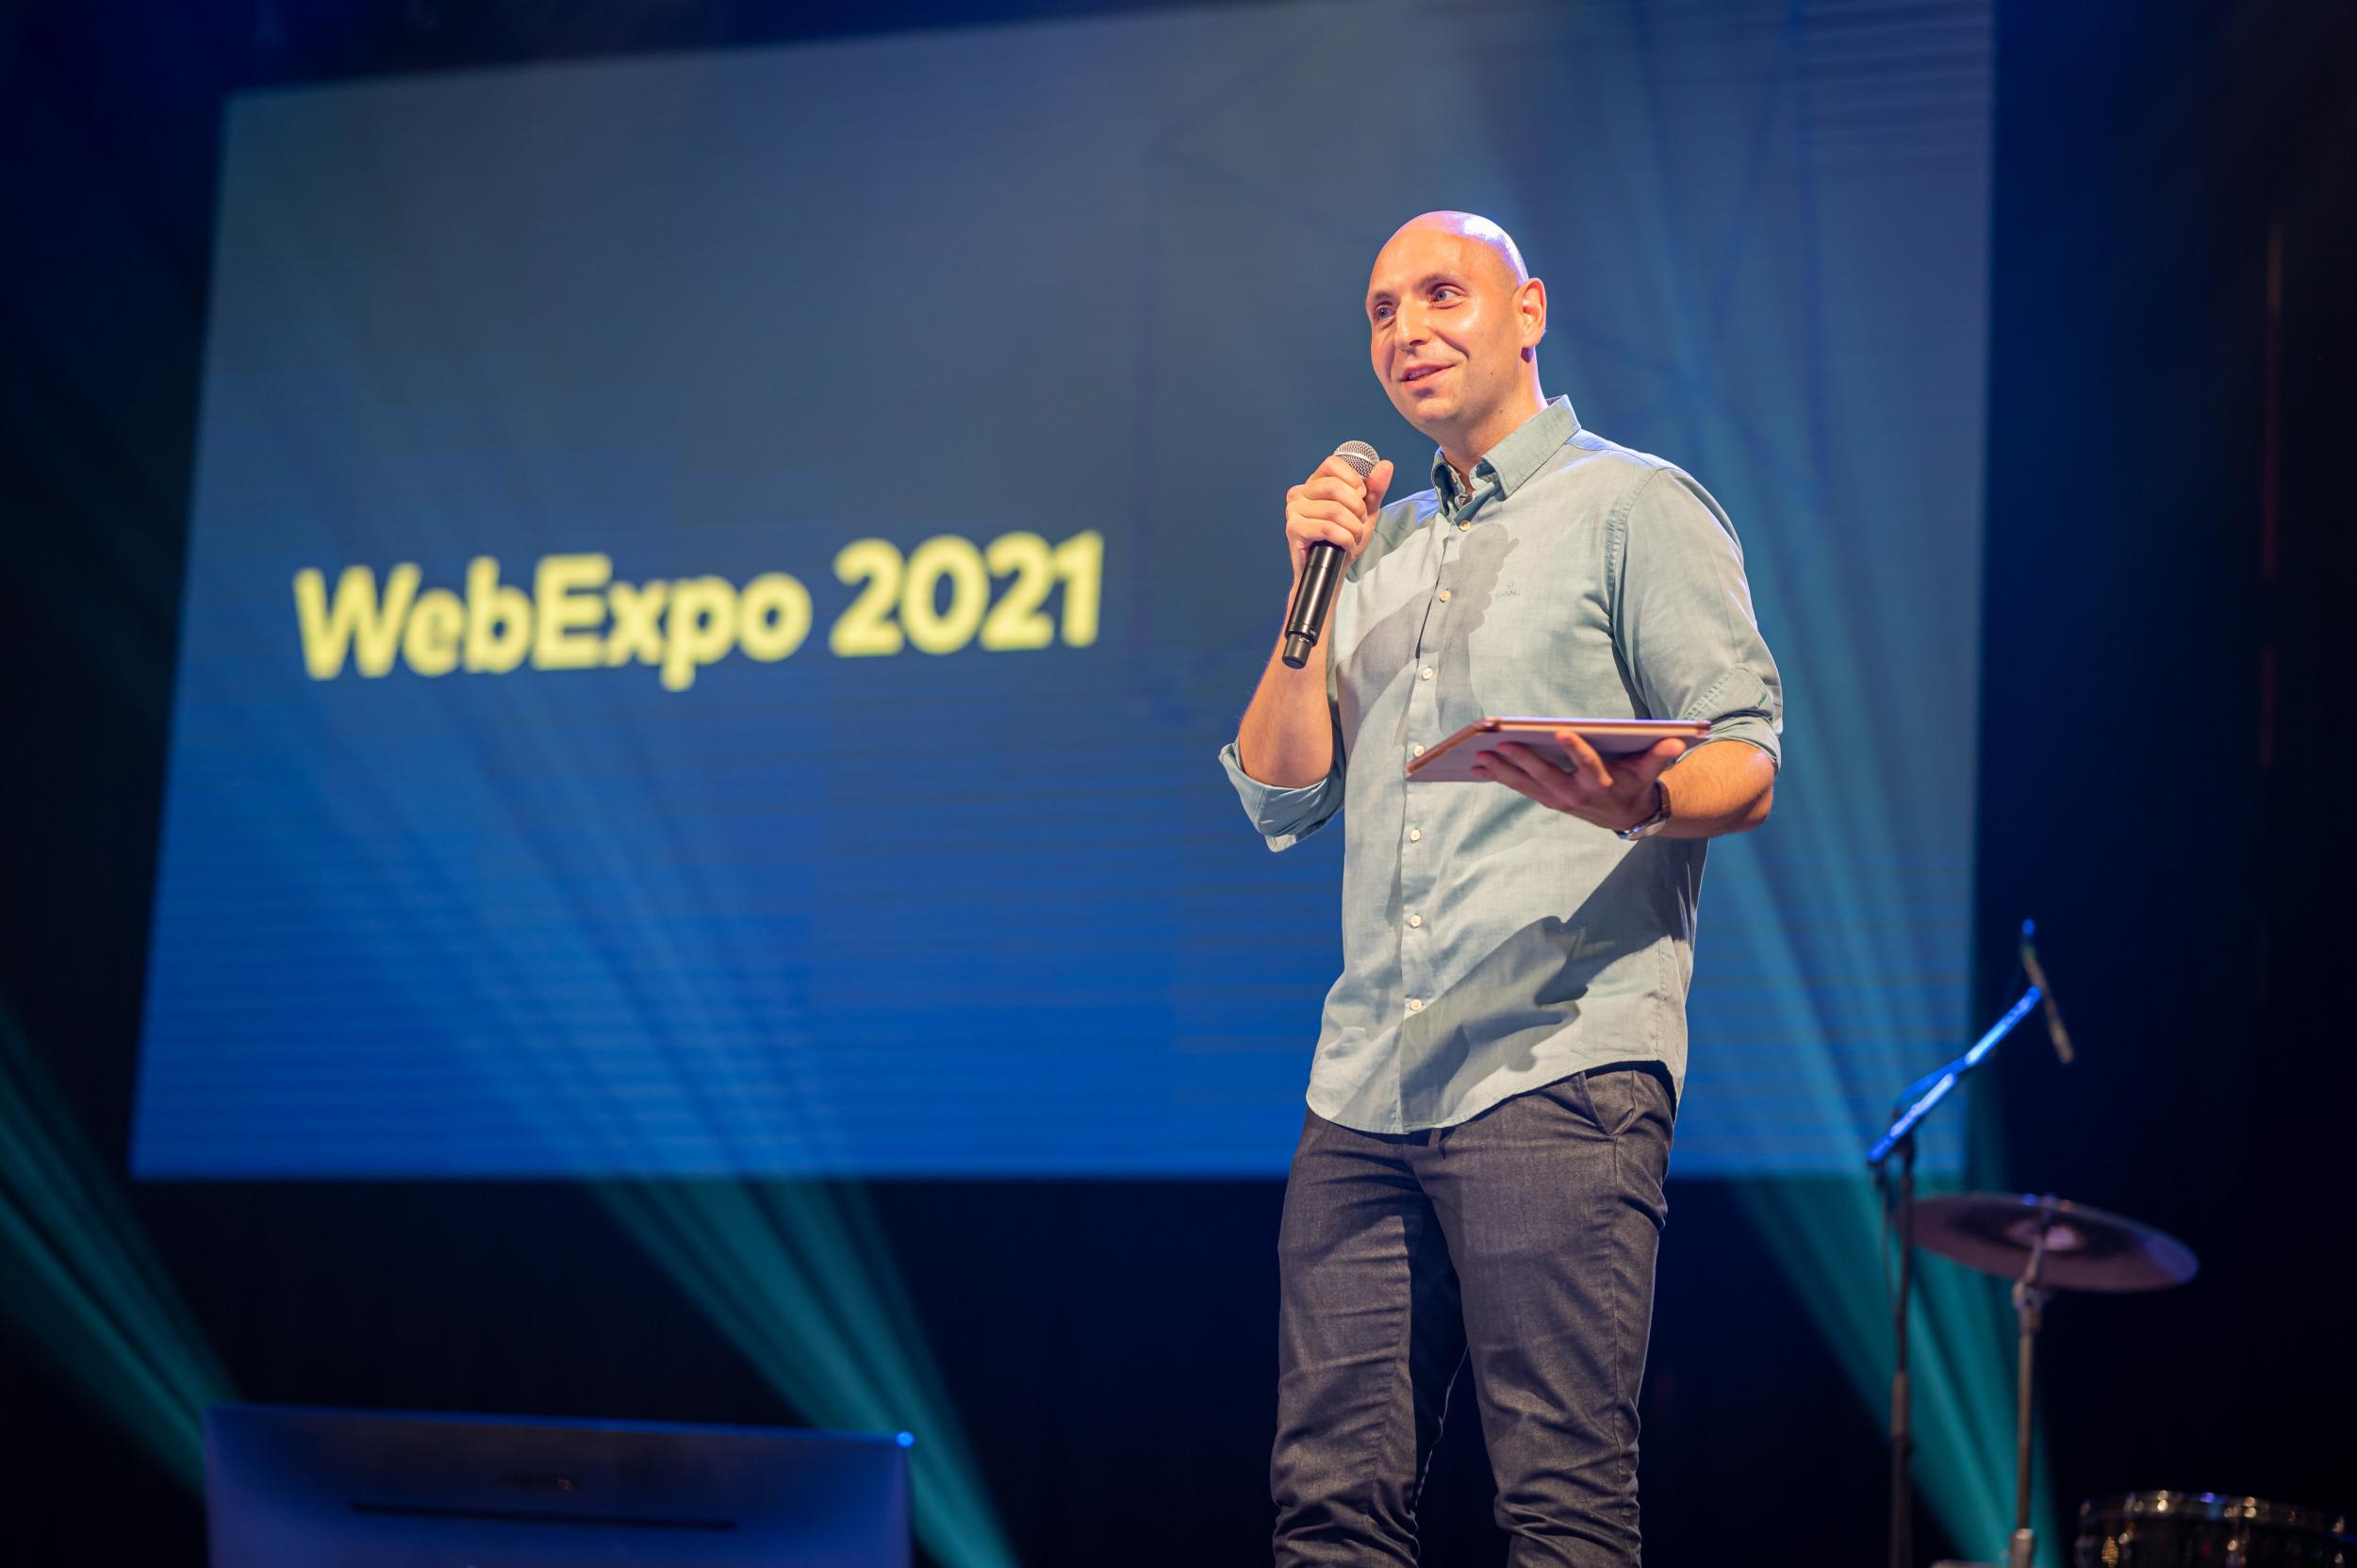 První velká technologická akce po pandemii. Jaké bylo WebExpo 2021?